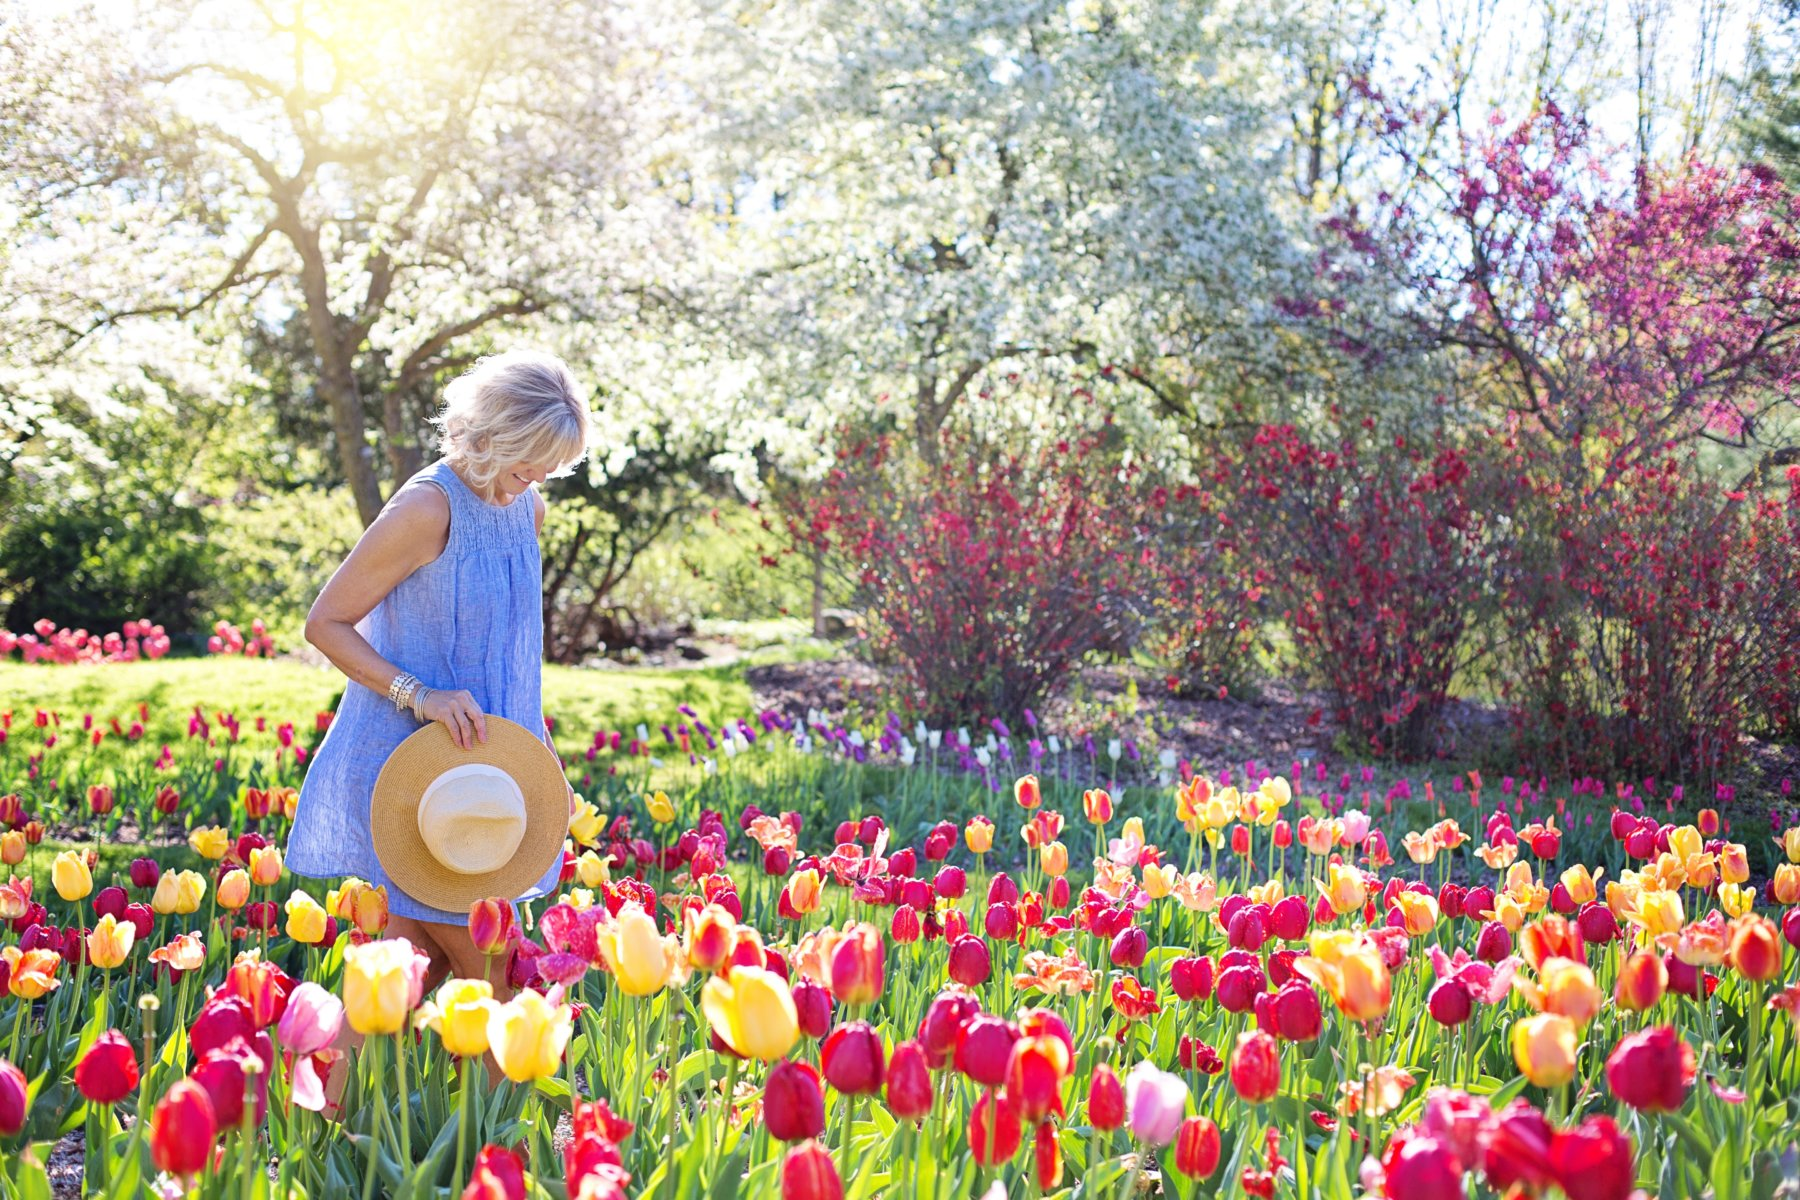 A Woman Walking Through A Flower Show Garden